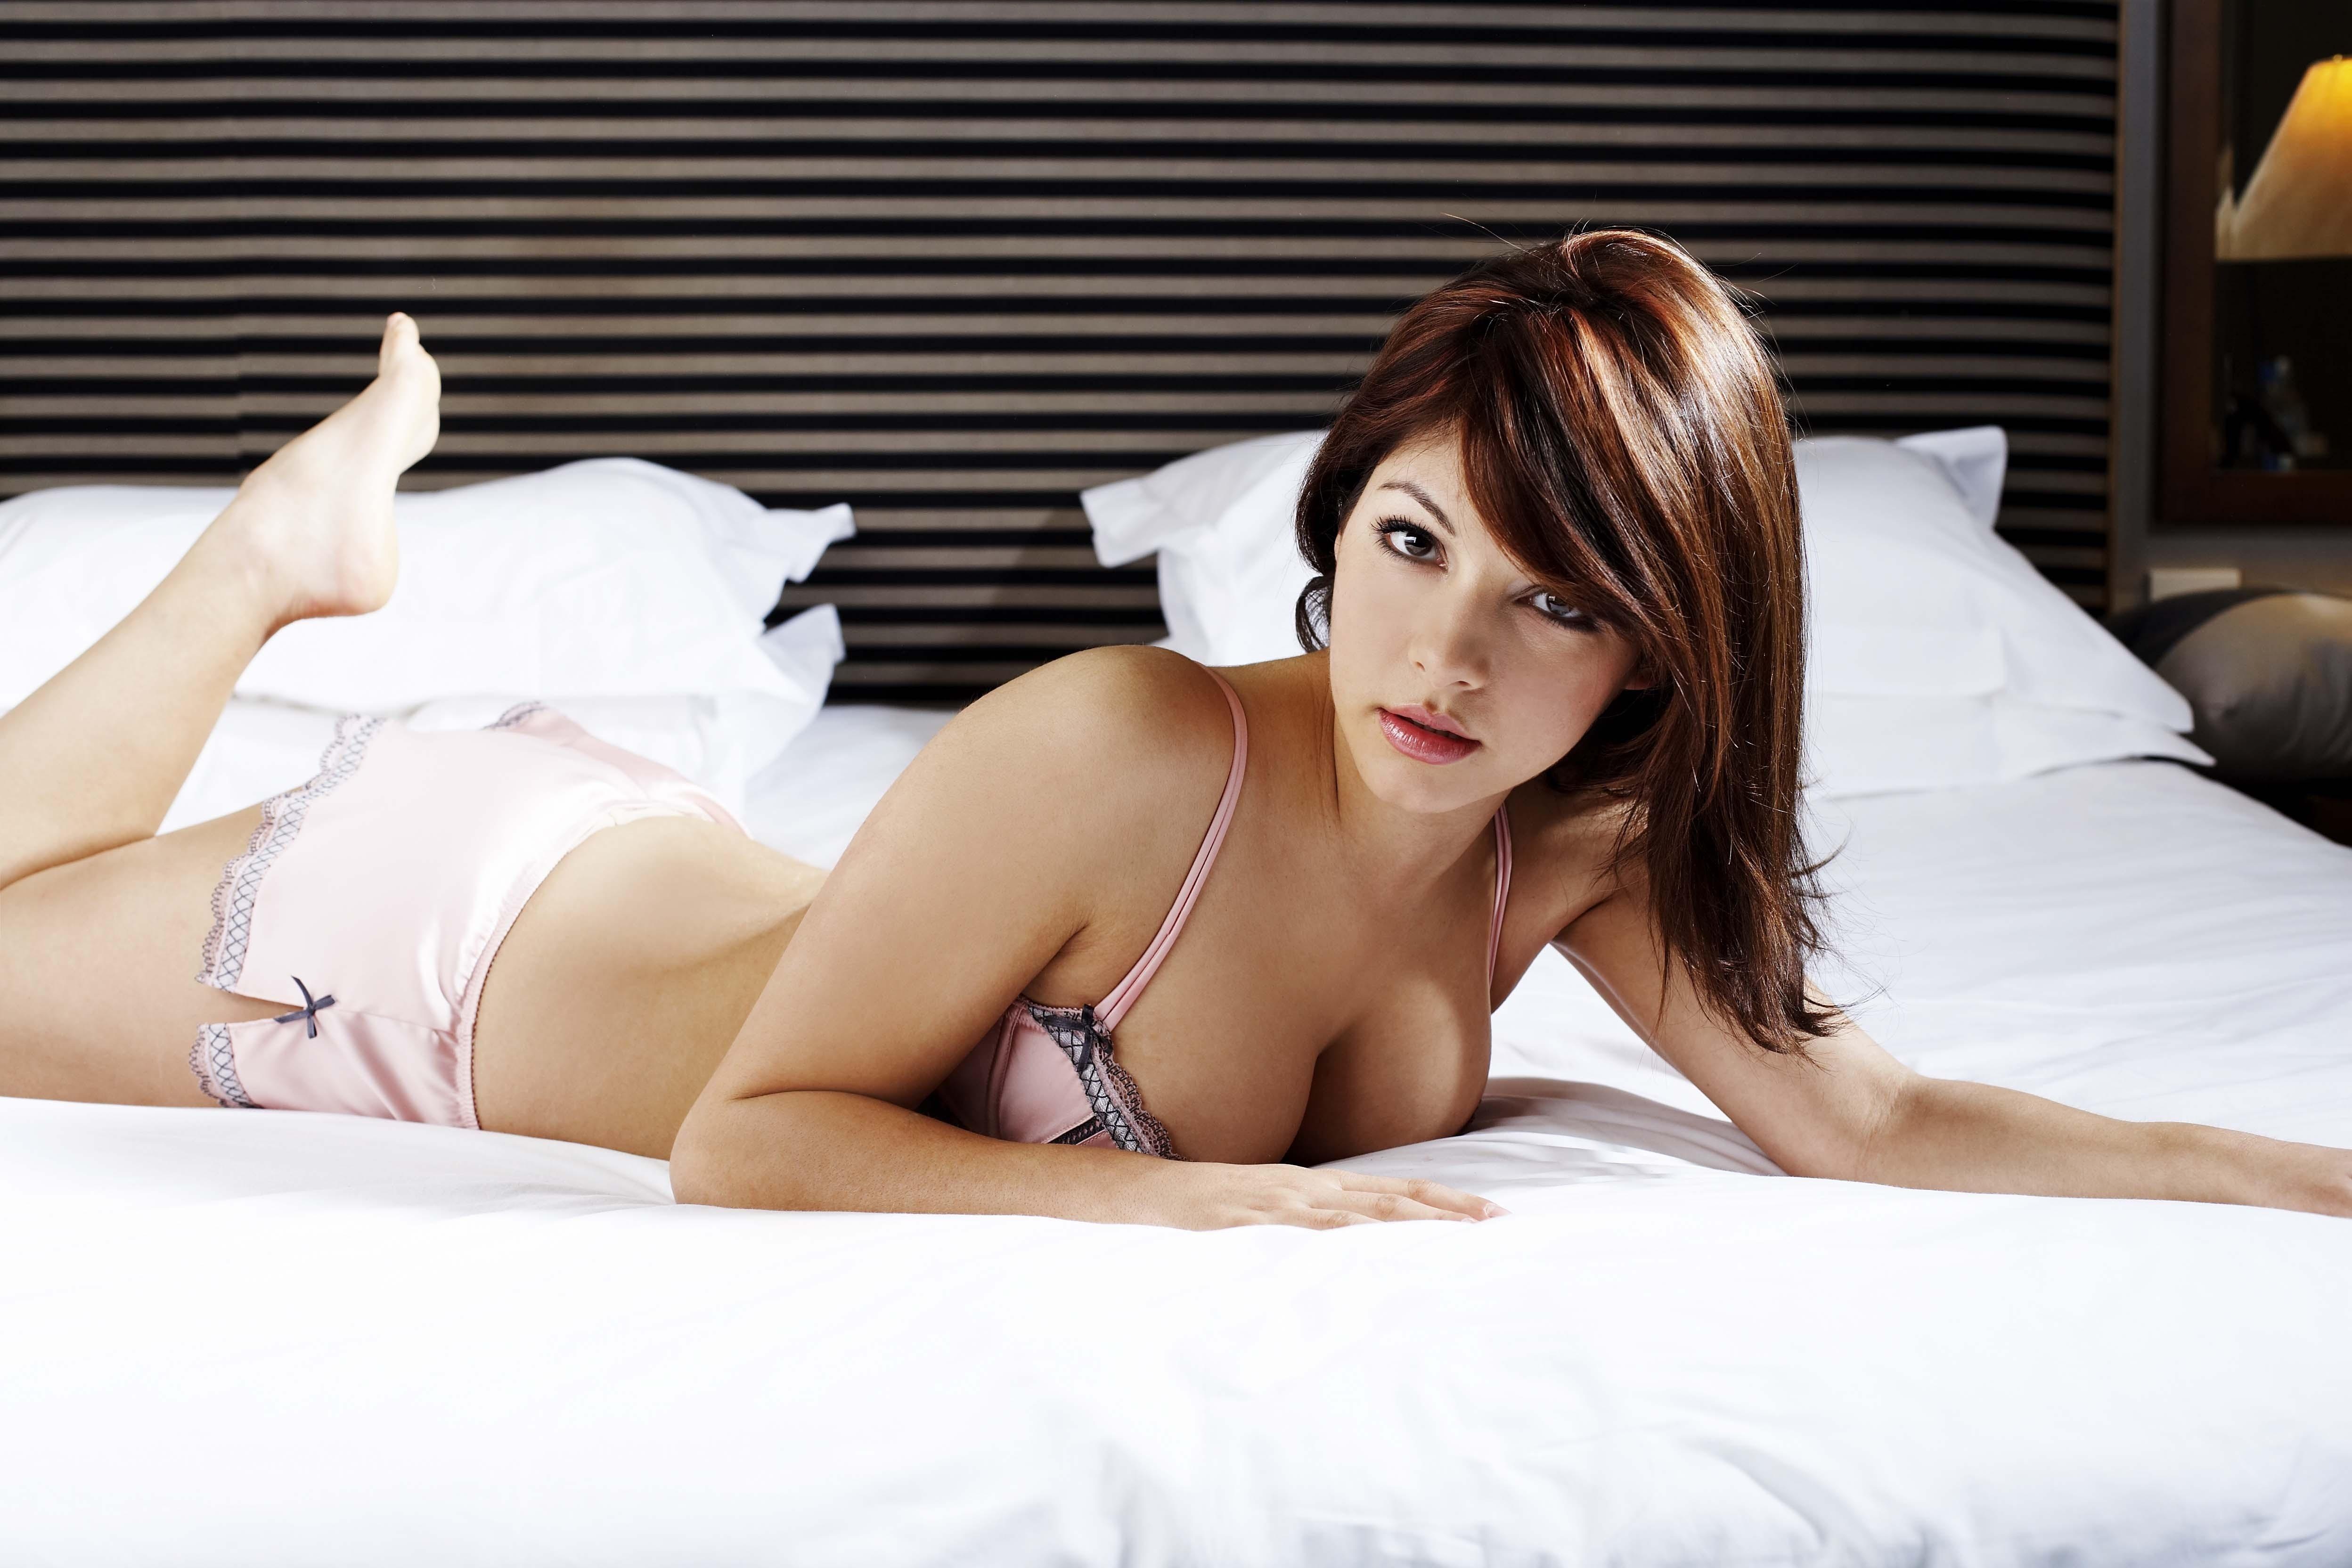 Сексуальная девочка на кровати 9 фотография